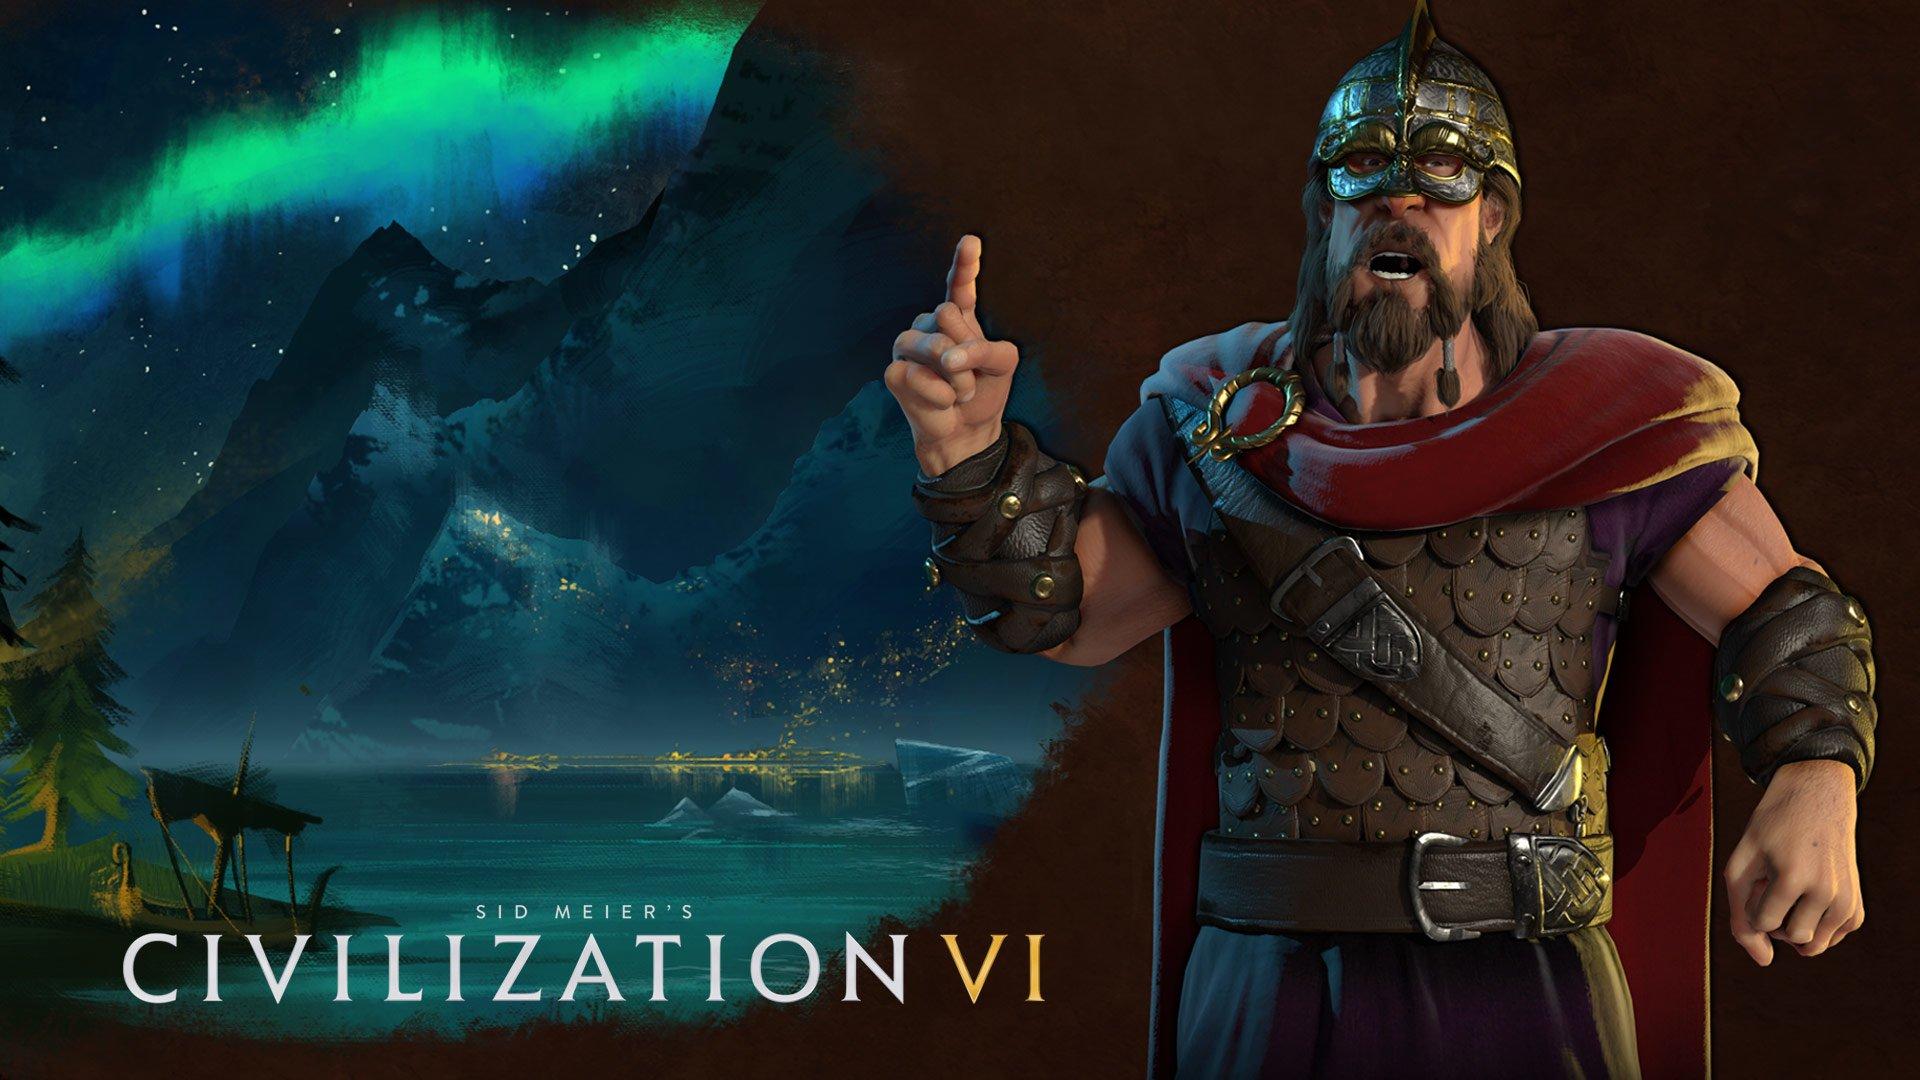 Civilization vi hd wallpaper background image - Civ 6 wallpaper ...